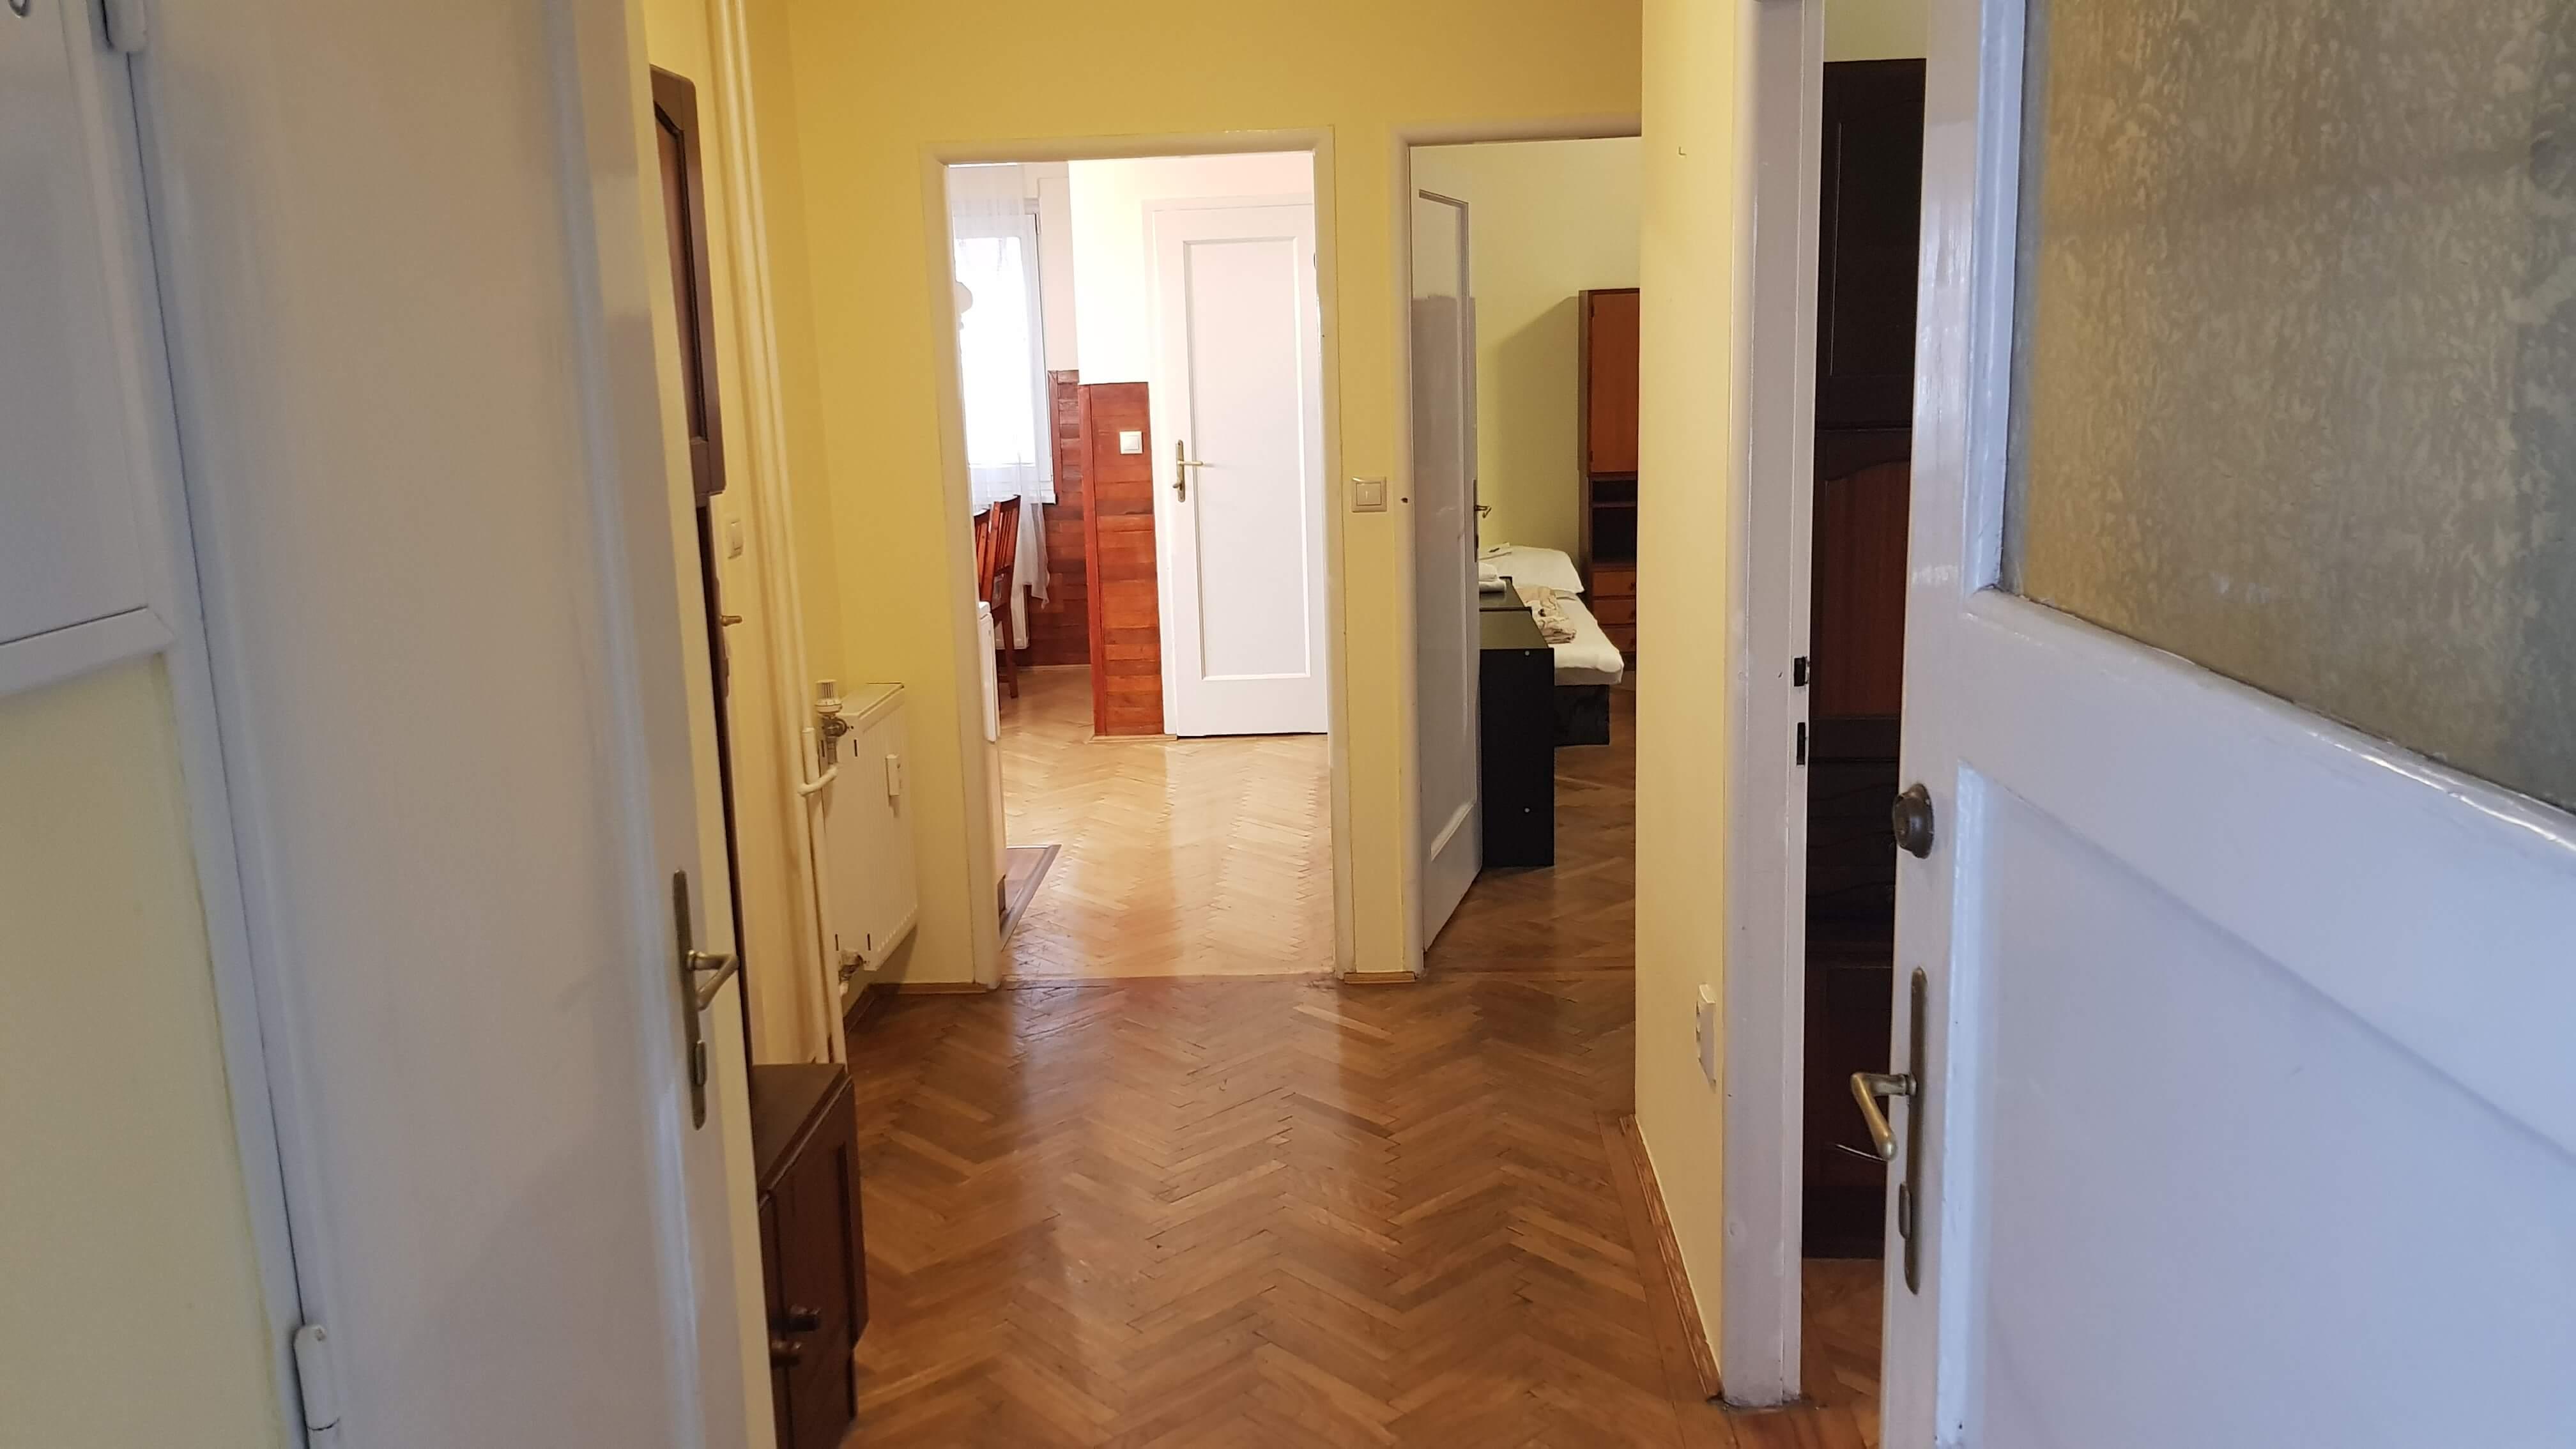 Prenájom jednej izby v 2 izb. byte, staré mesto, Šancová ulica, Bratislava, 80m2, zariadený-5